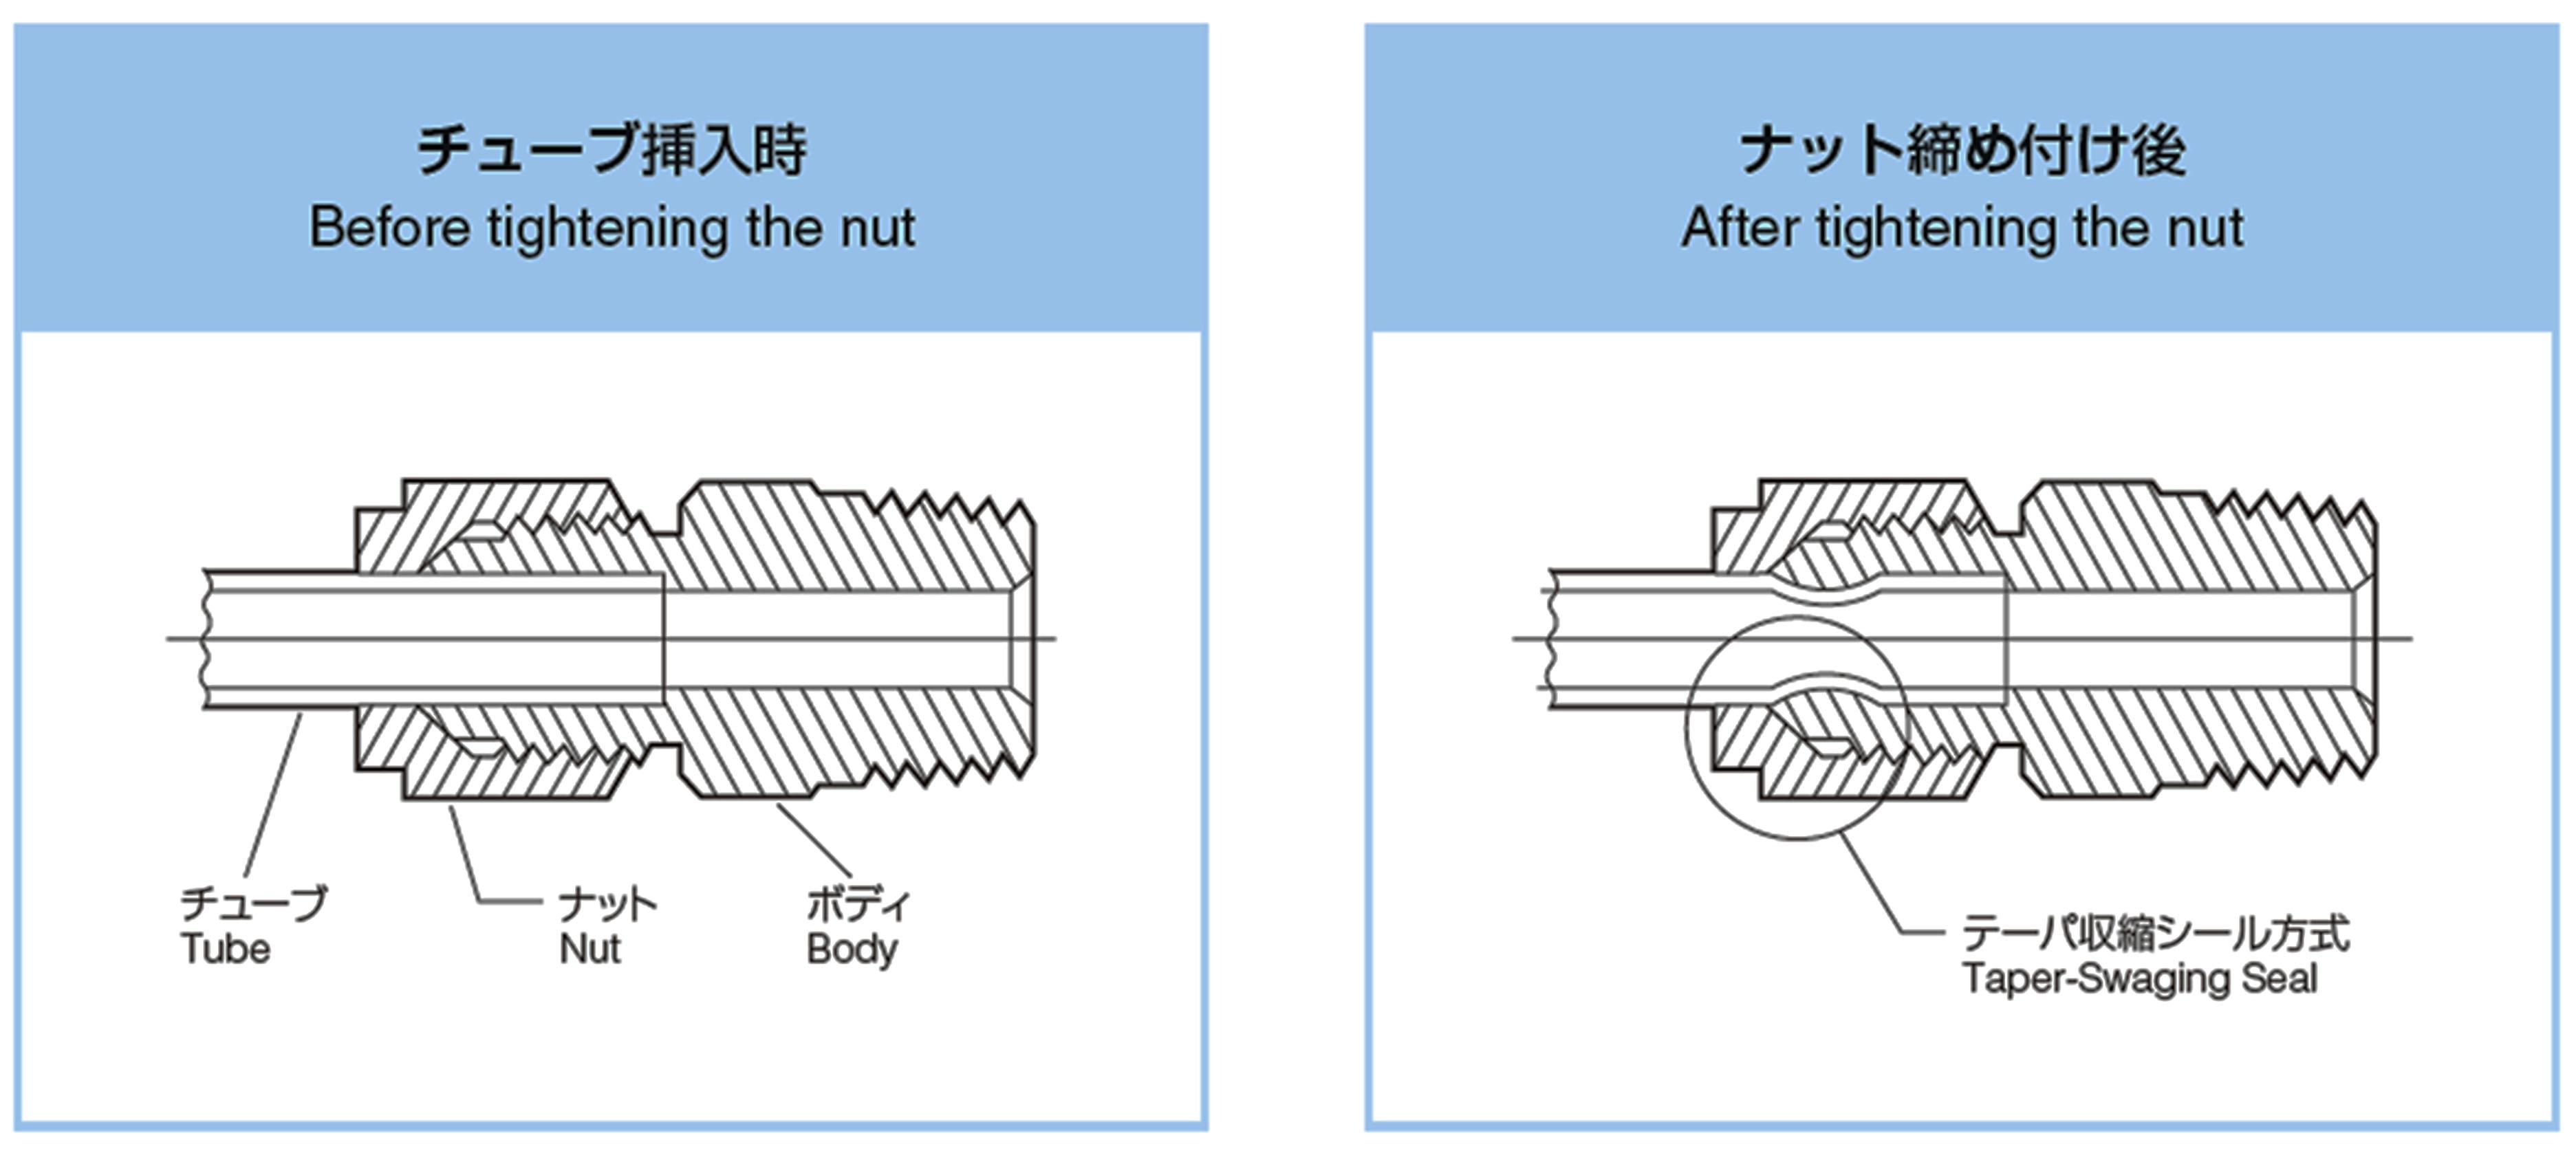 チューブ挿入 ナット締め付け後 構造